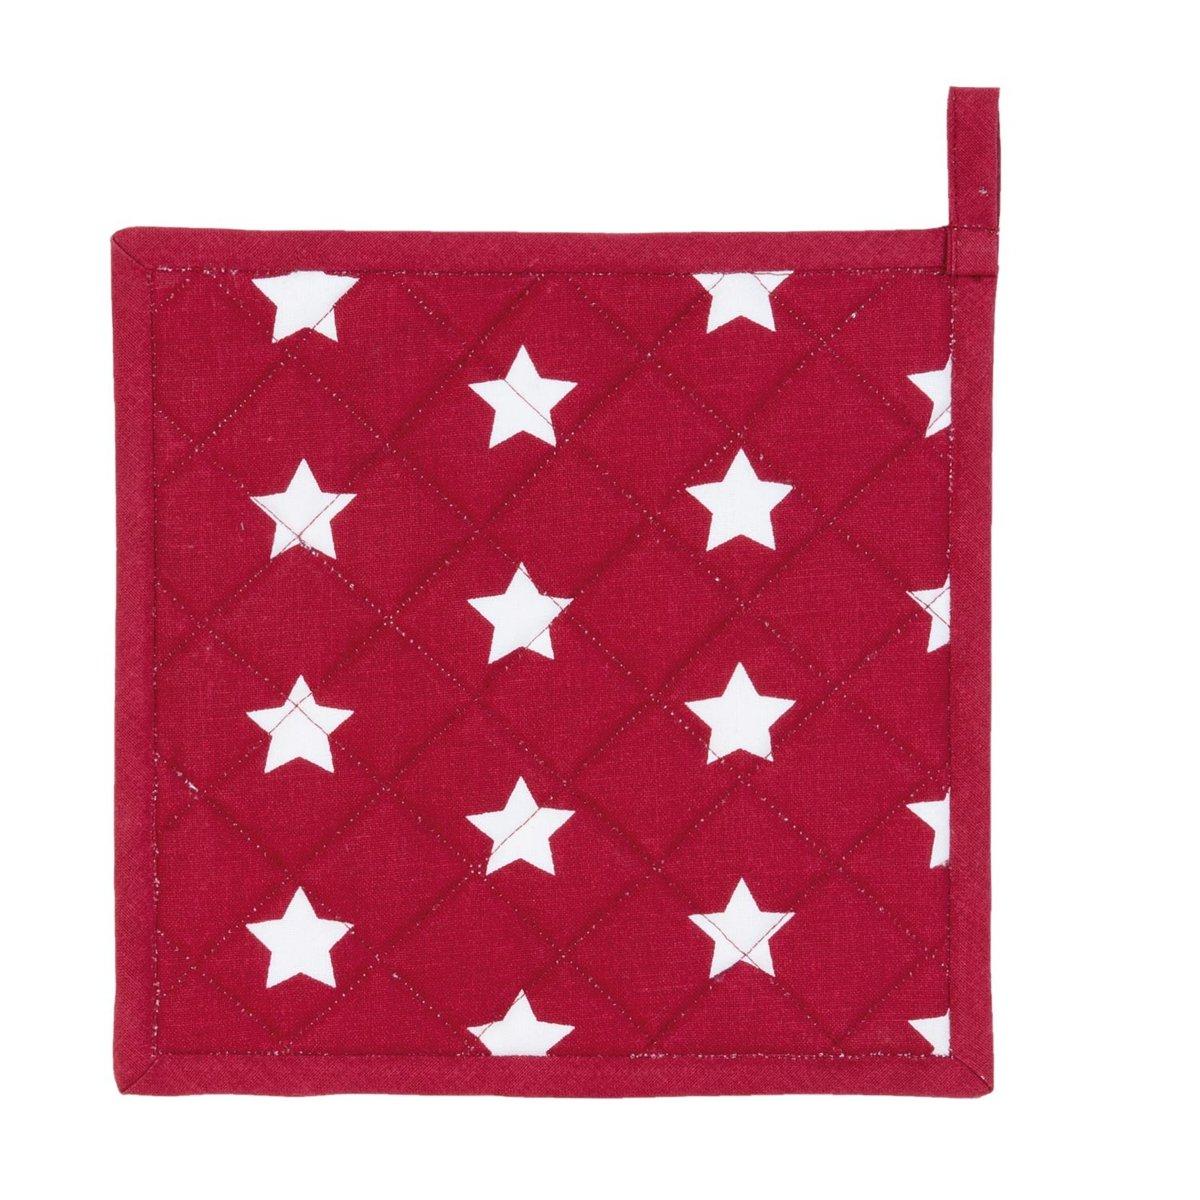 Pannenlap - 20 x 20 cm - rood/wit - Stars kopen